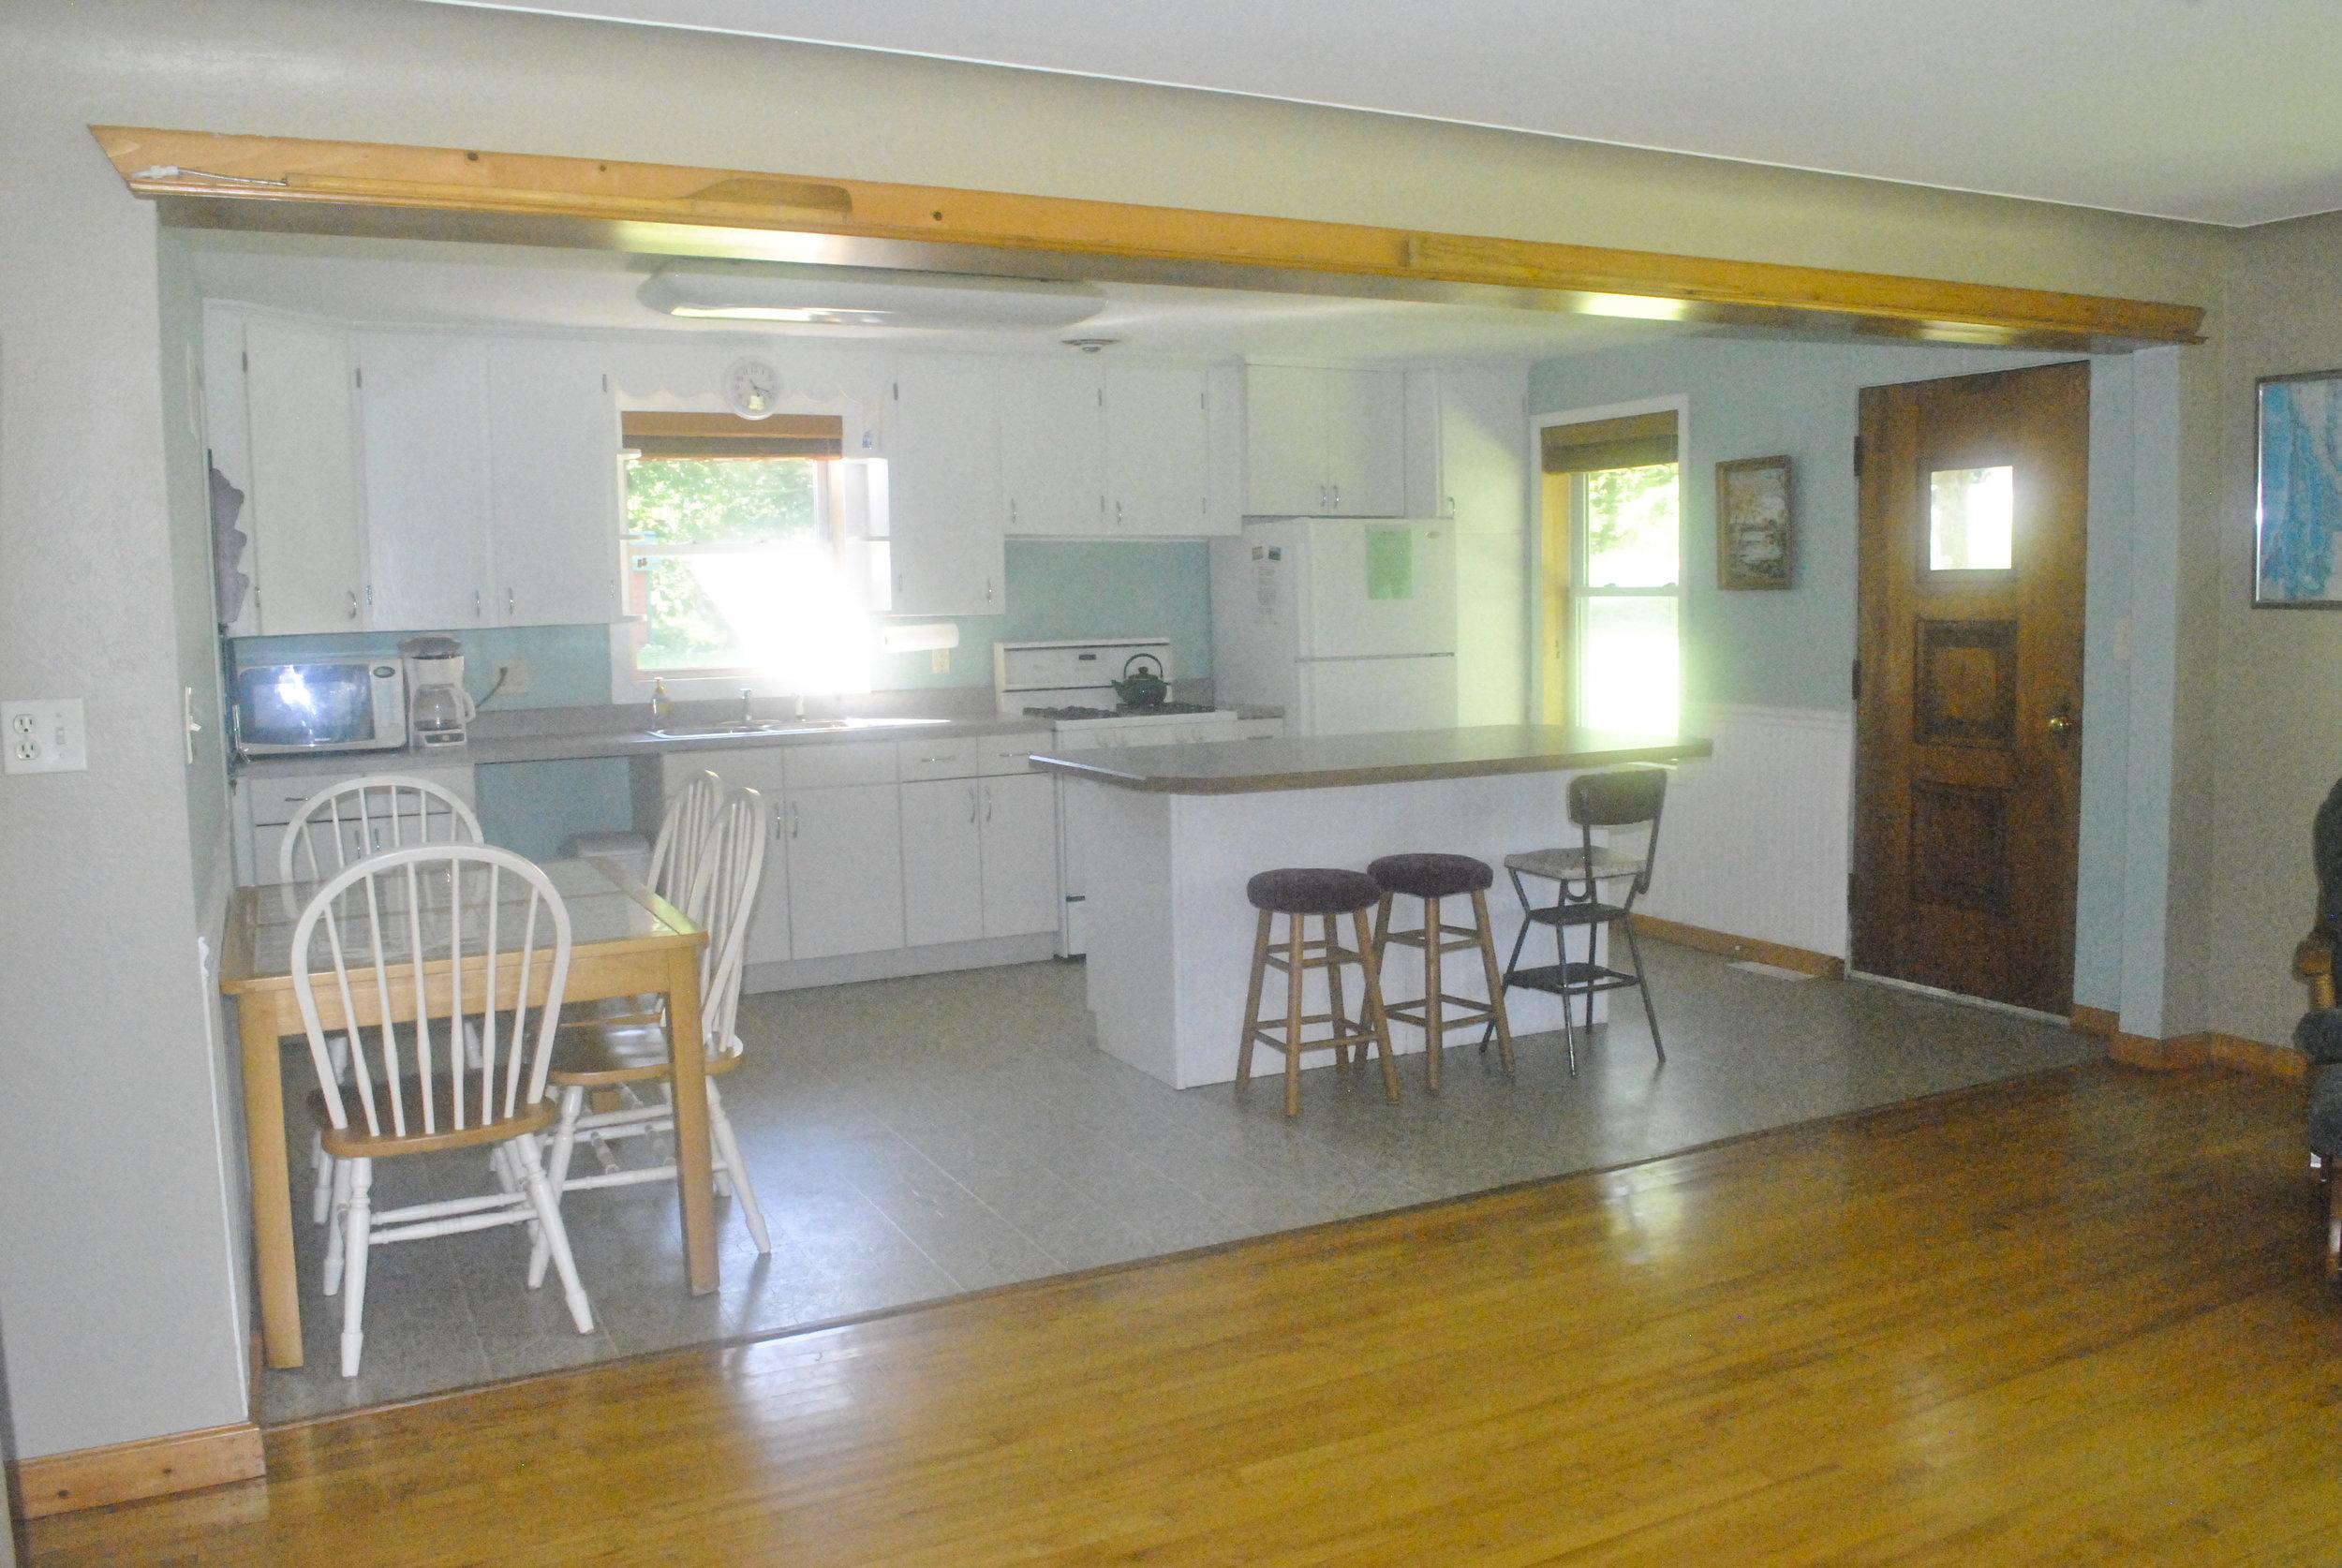 Yettaw House Kitchen.jpg